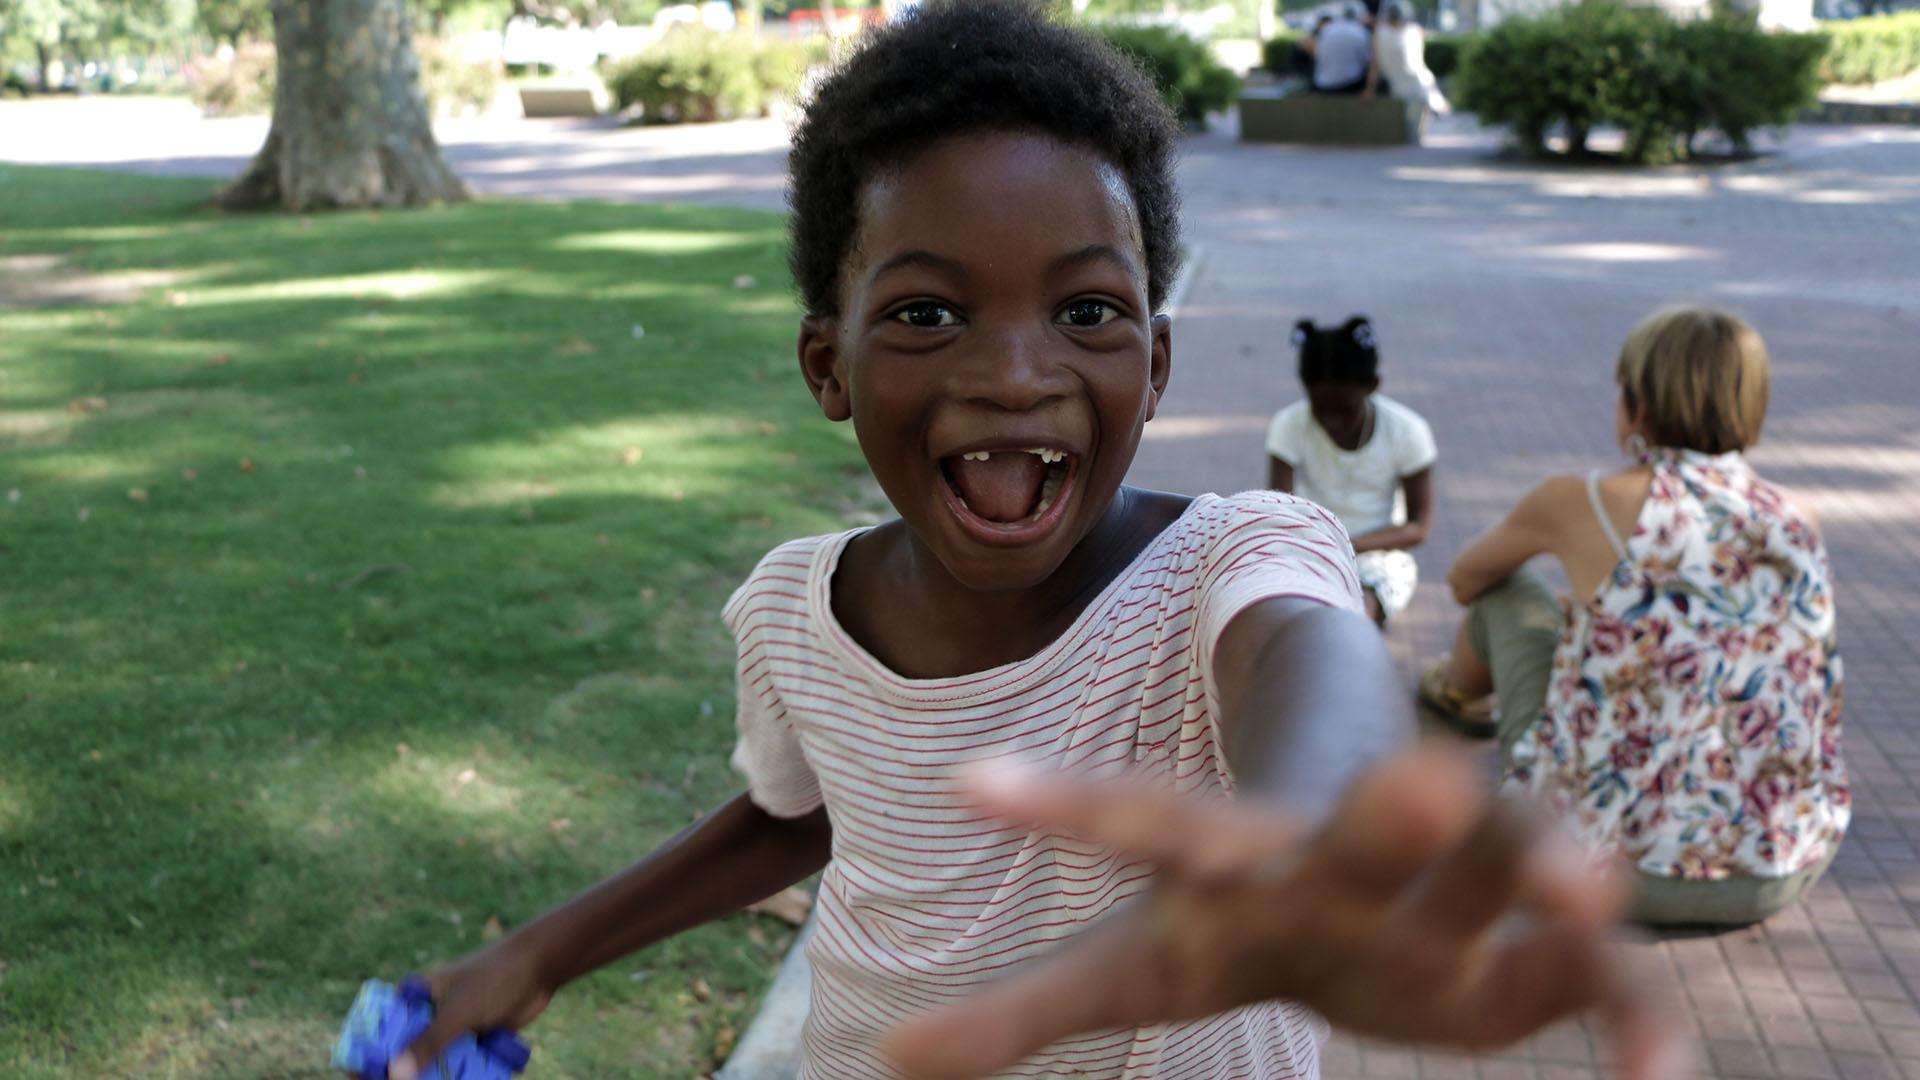 Chicos de Haití fueron adopatados por una pareja de padres argentinos (Lihueel Althabe)